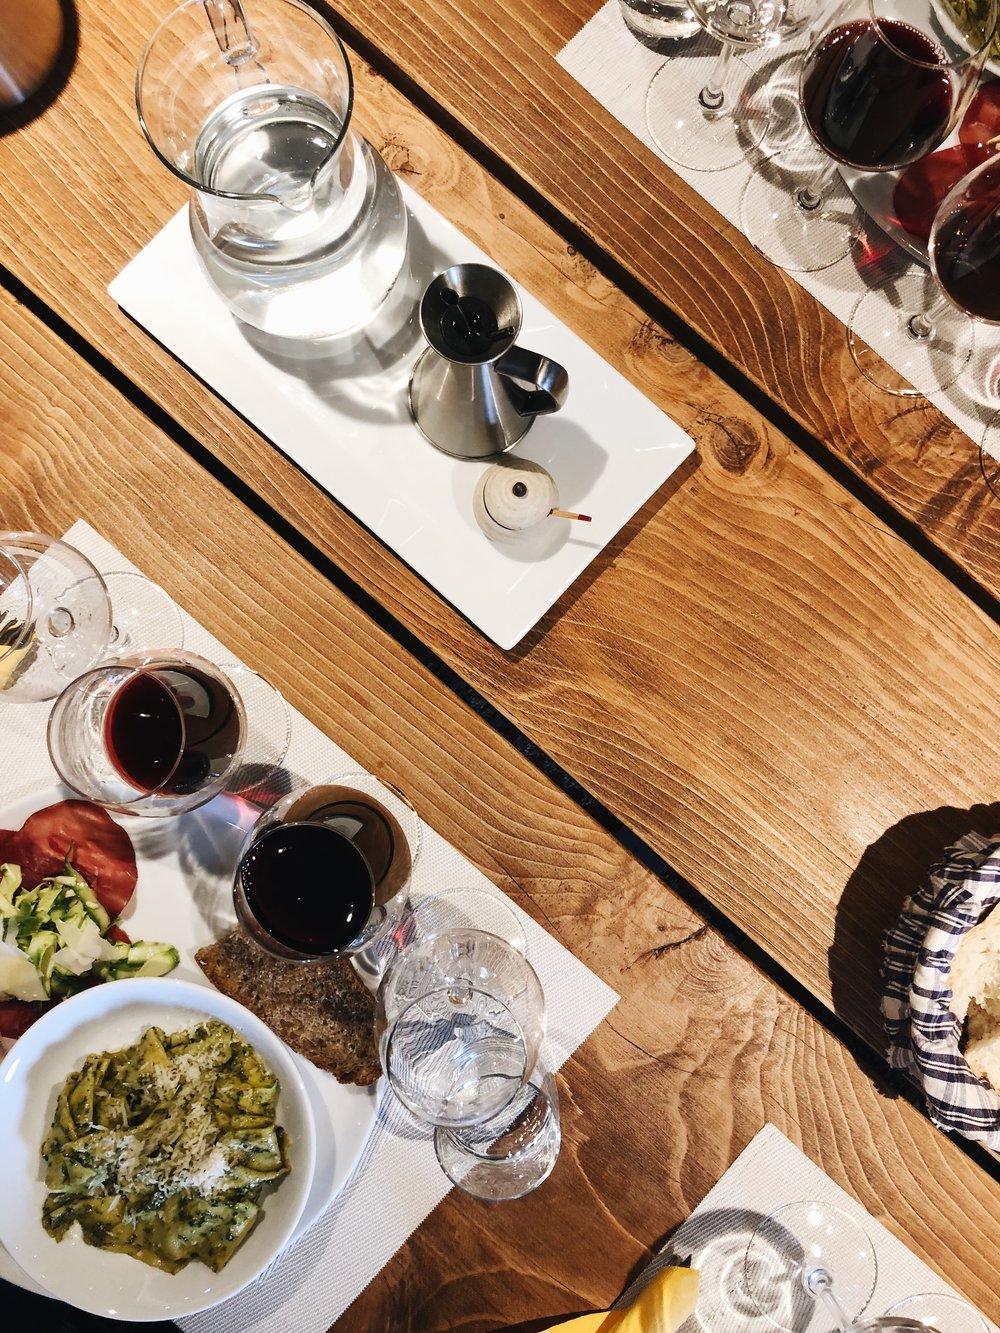 La Lastra Winery Tour in Sienna Italy   Miranda Schroeder Blog  www.mirandaschroeder.com